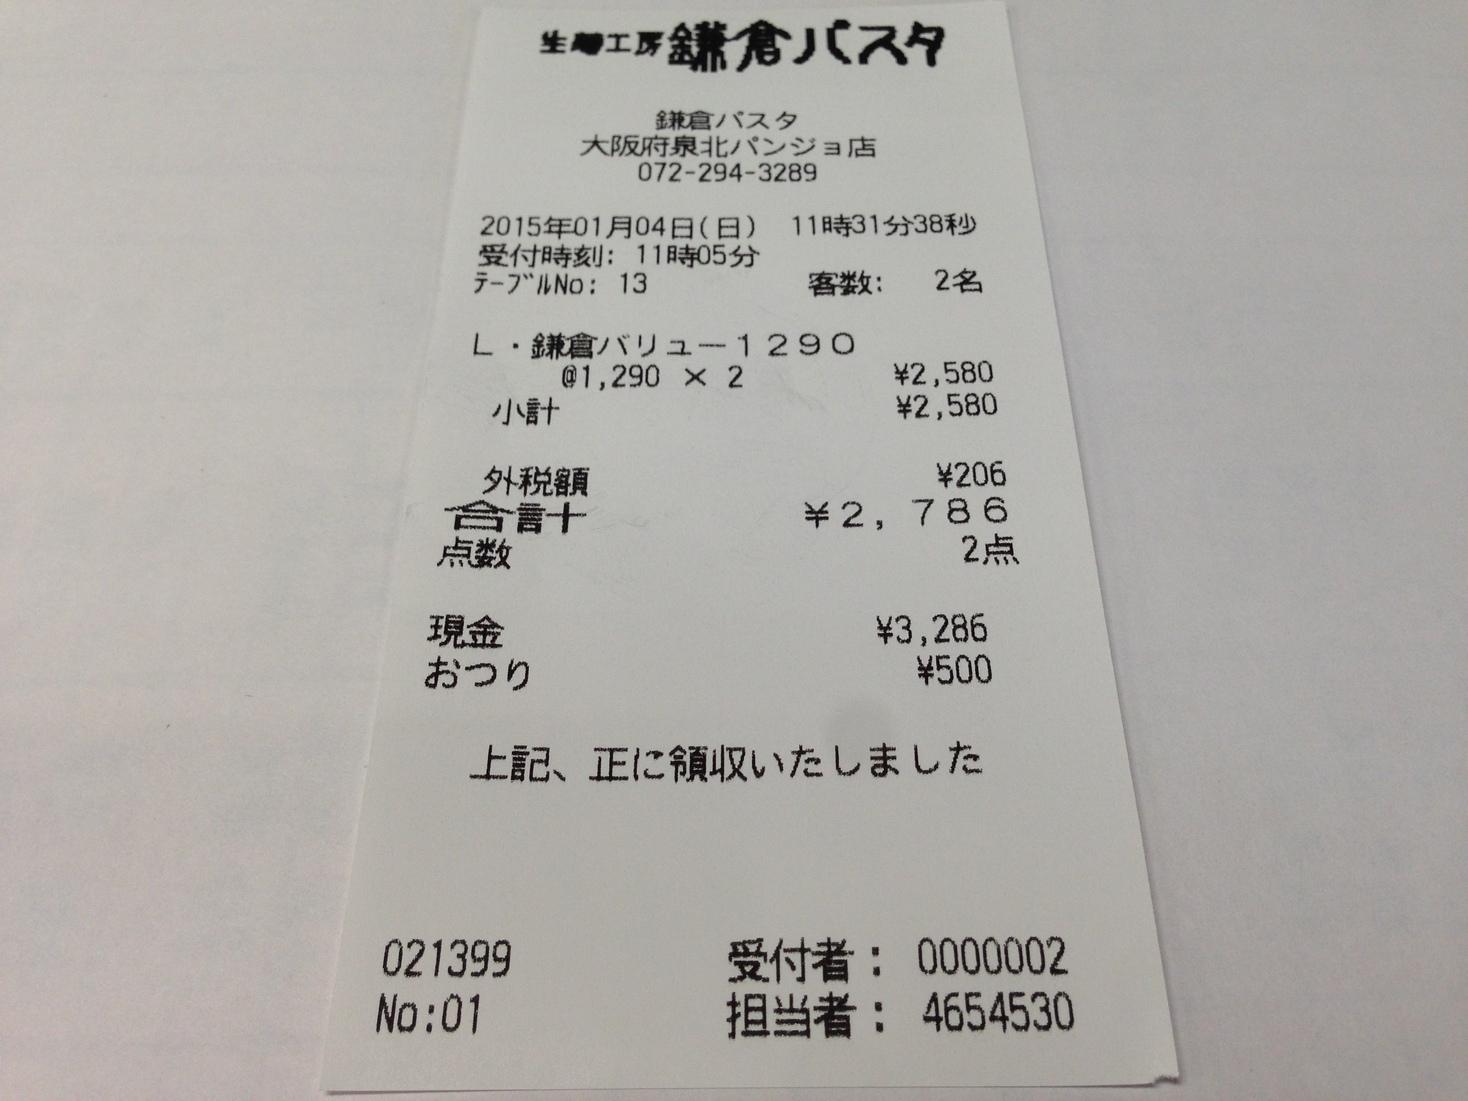 鎌倉パスタ 泉北パンジョ店